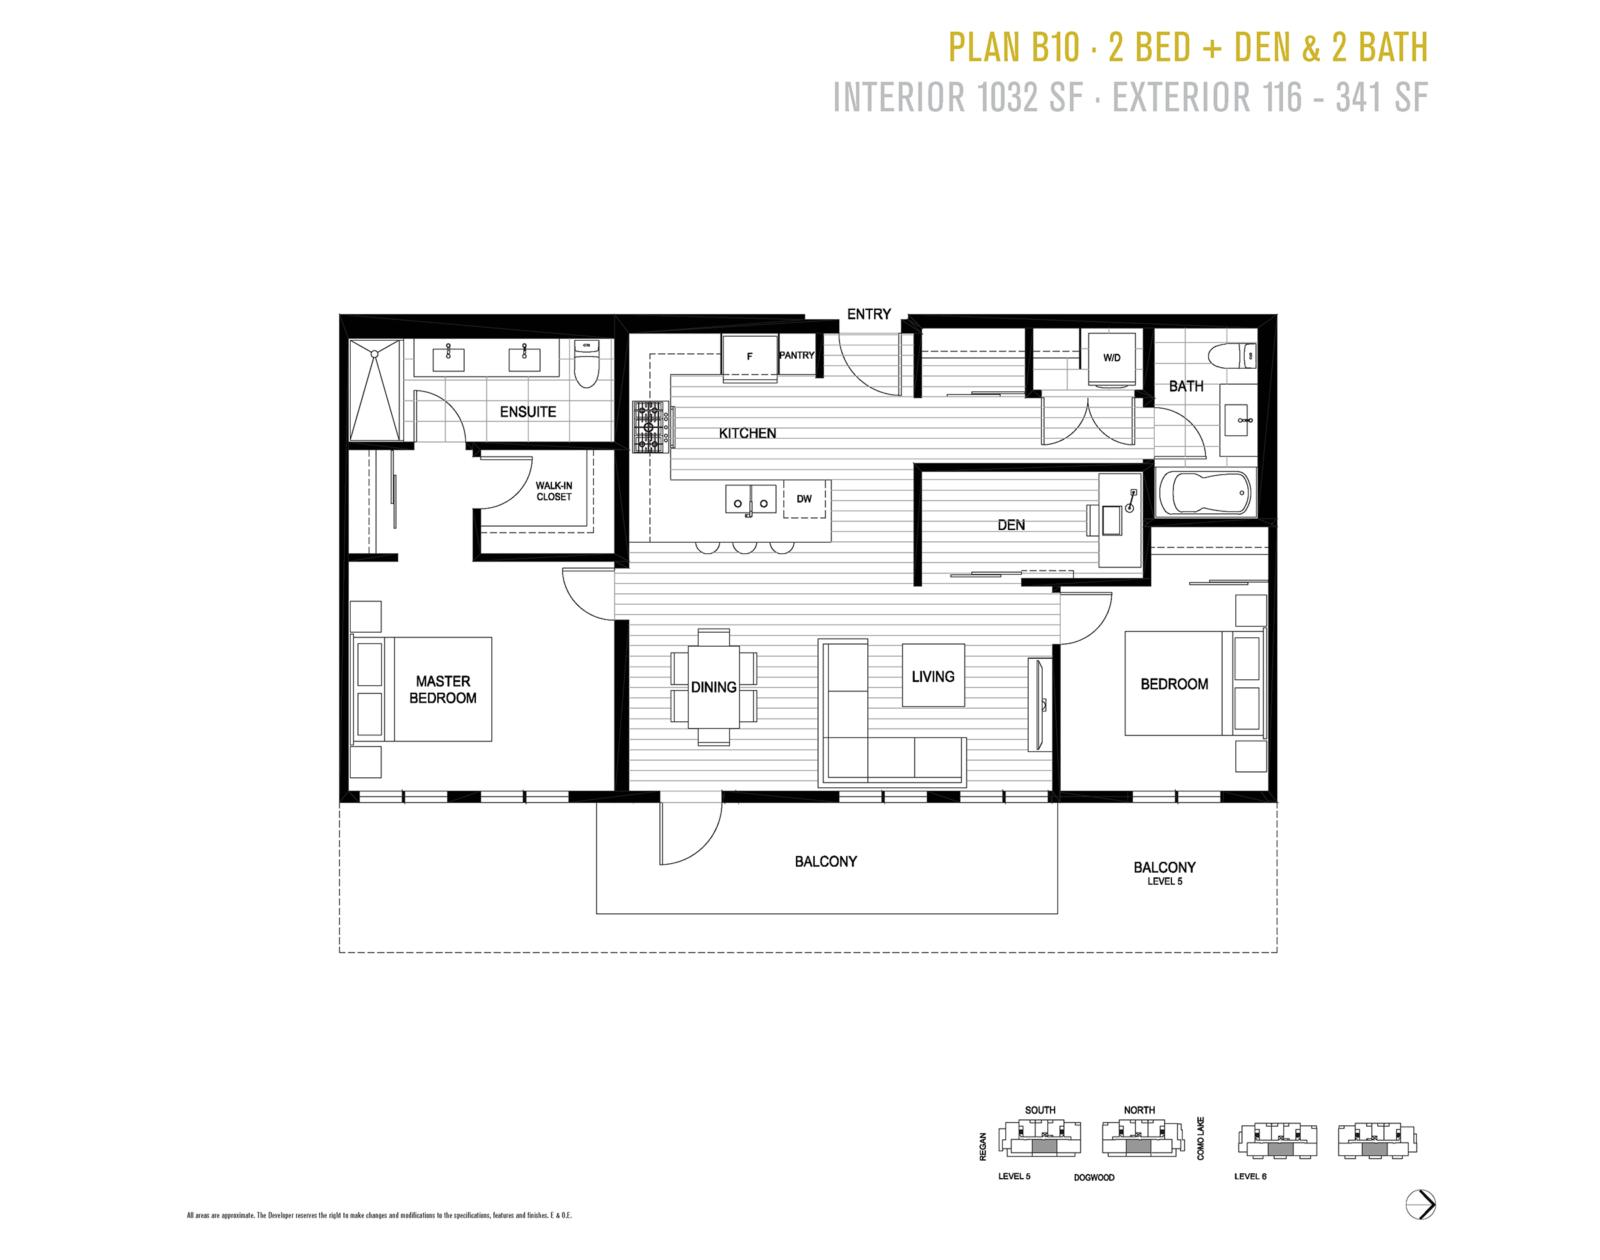 Plan B10